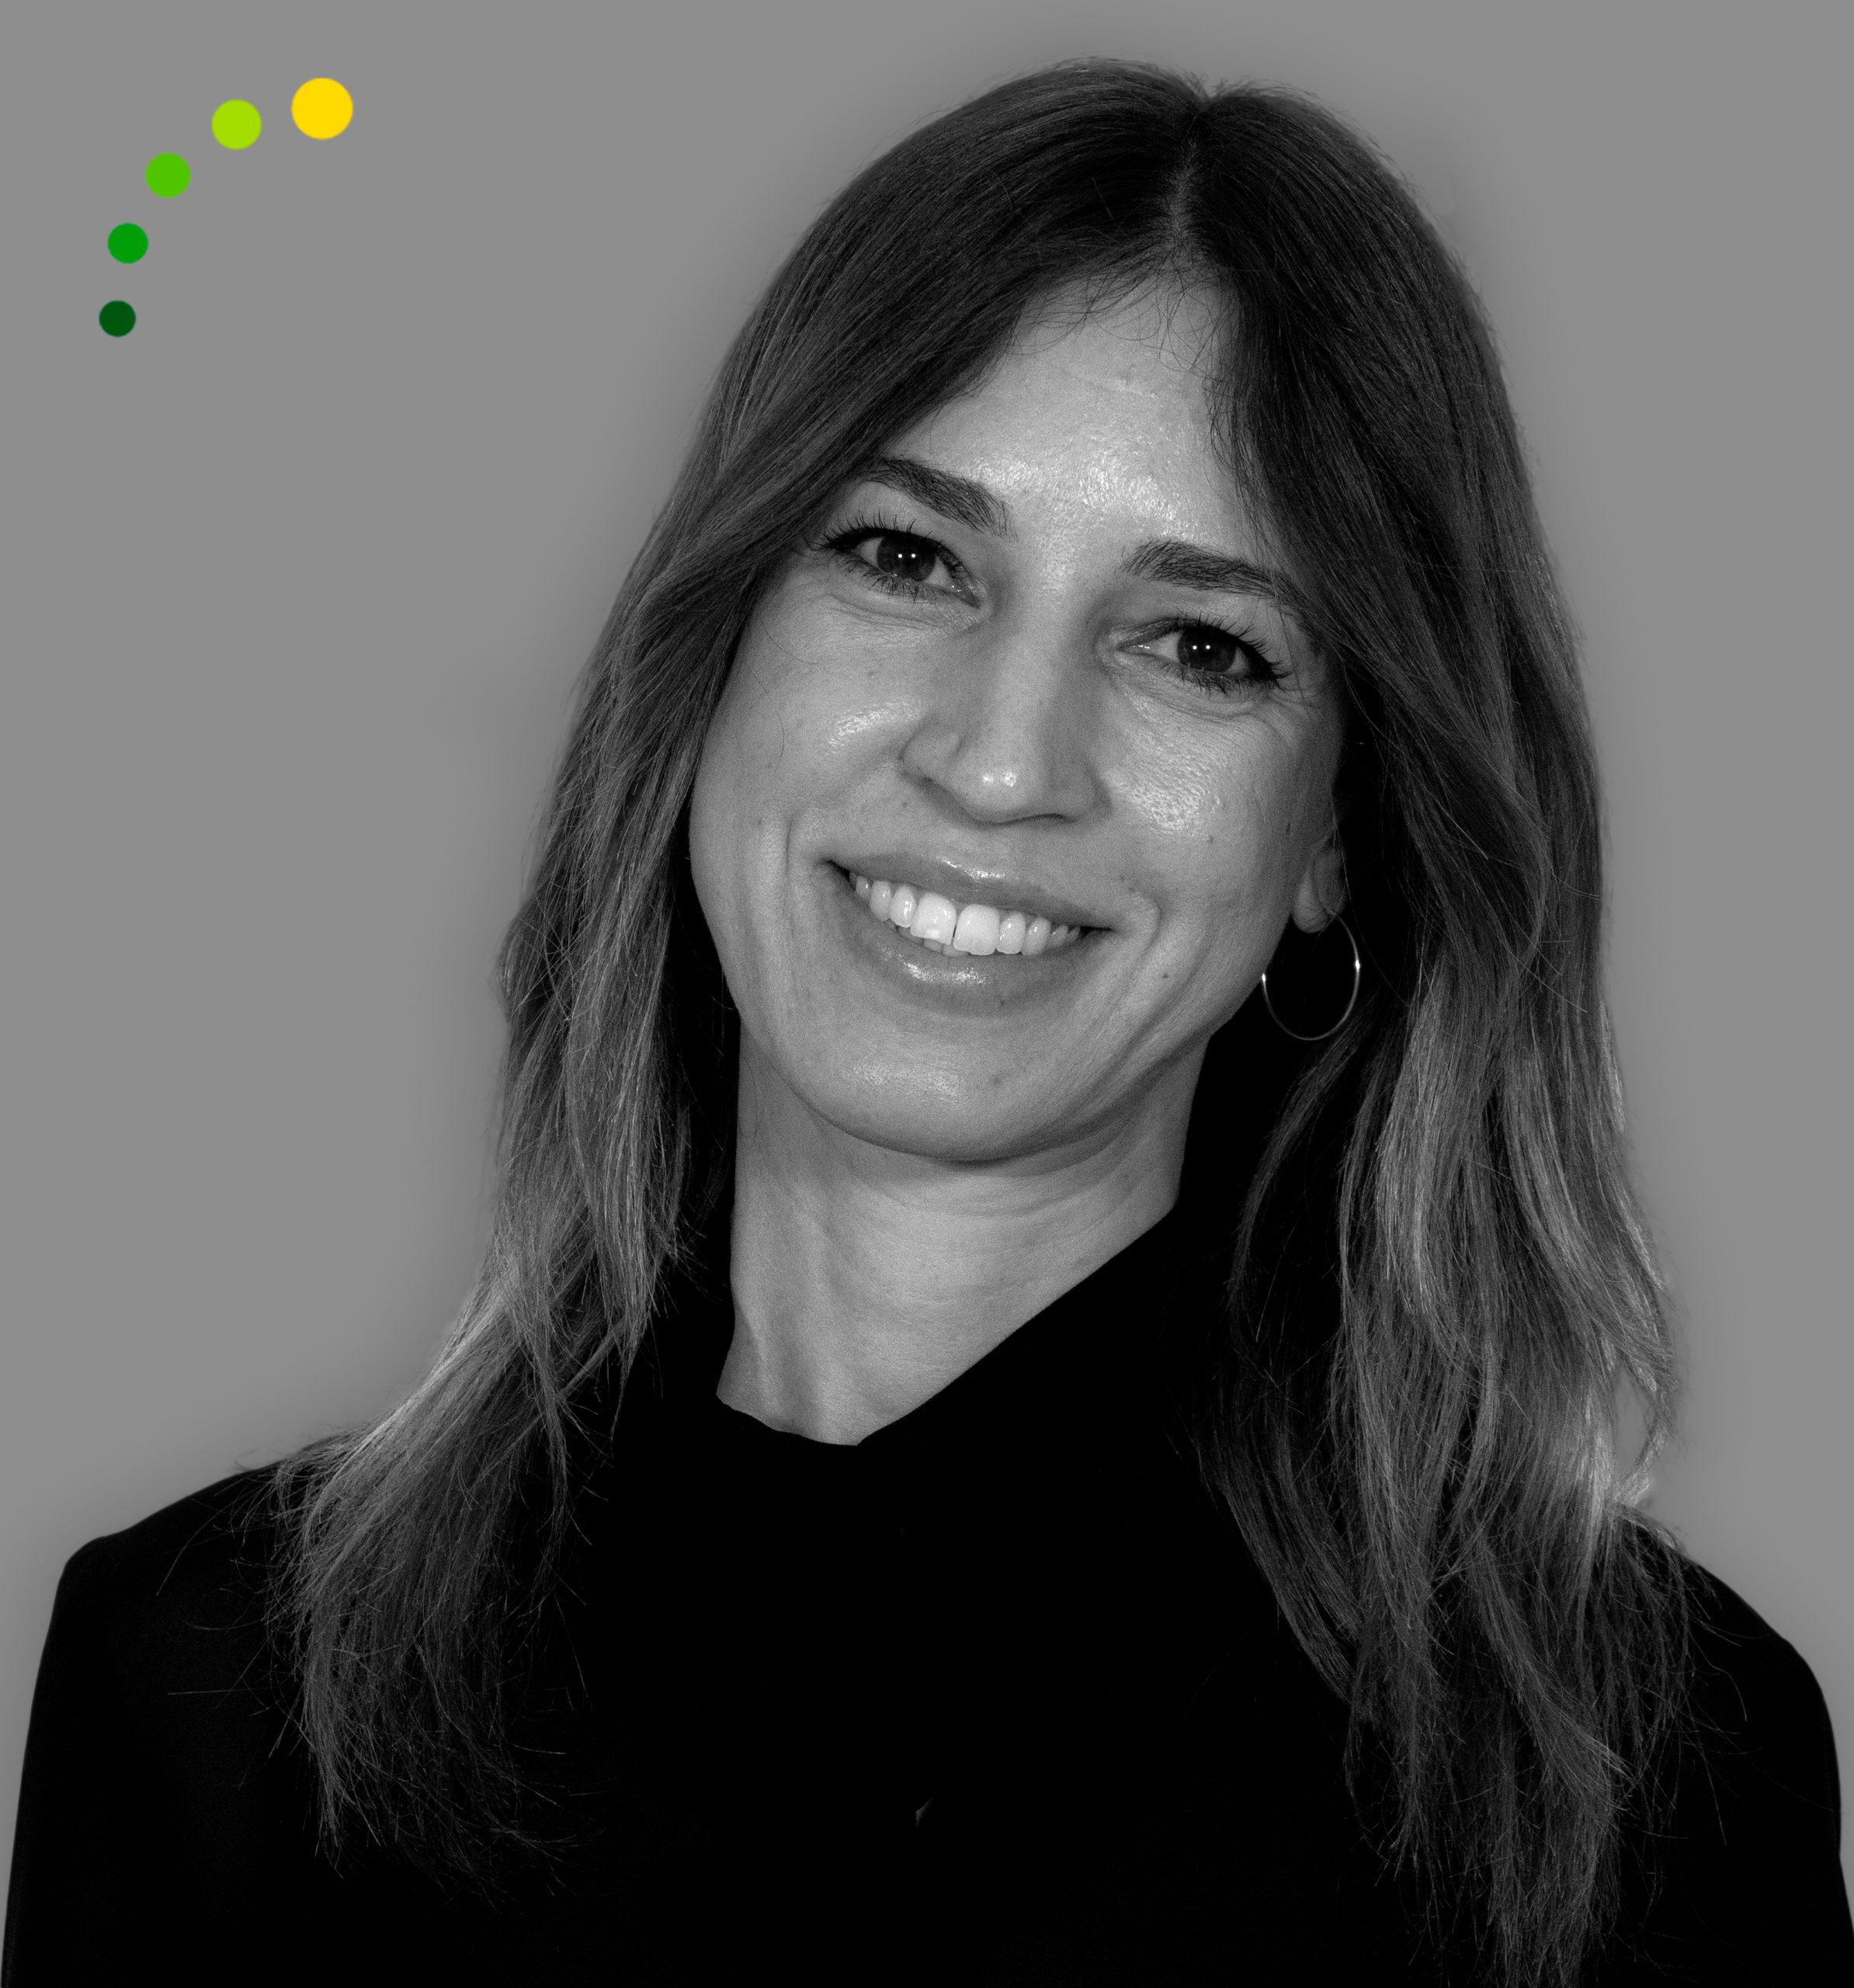 Anna Dal Forno